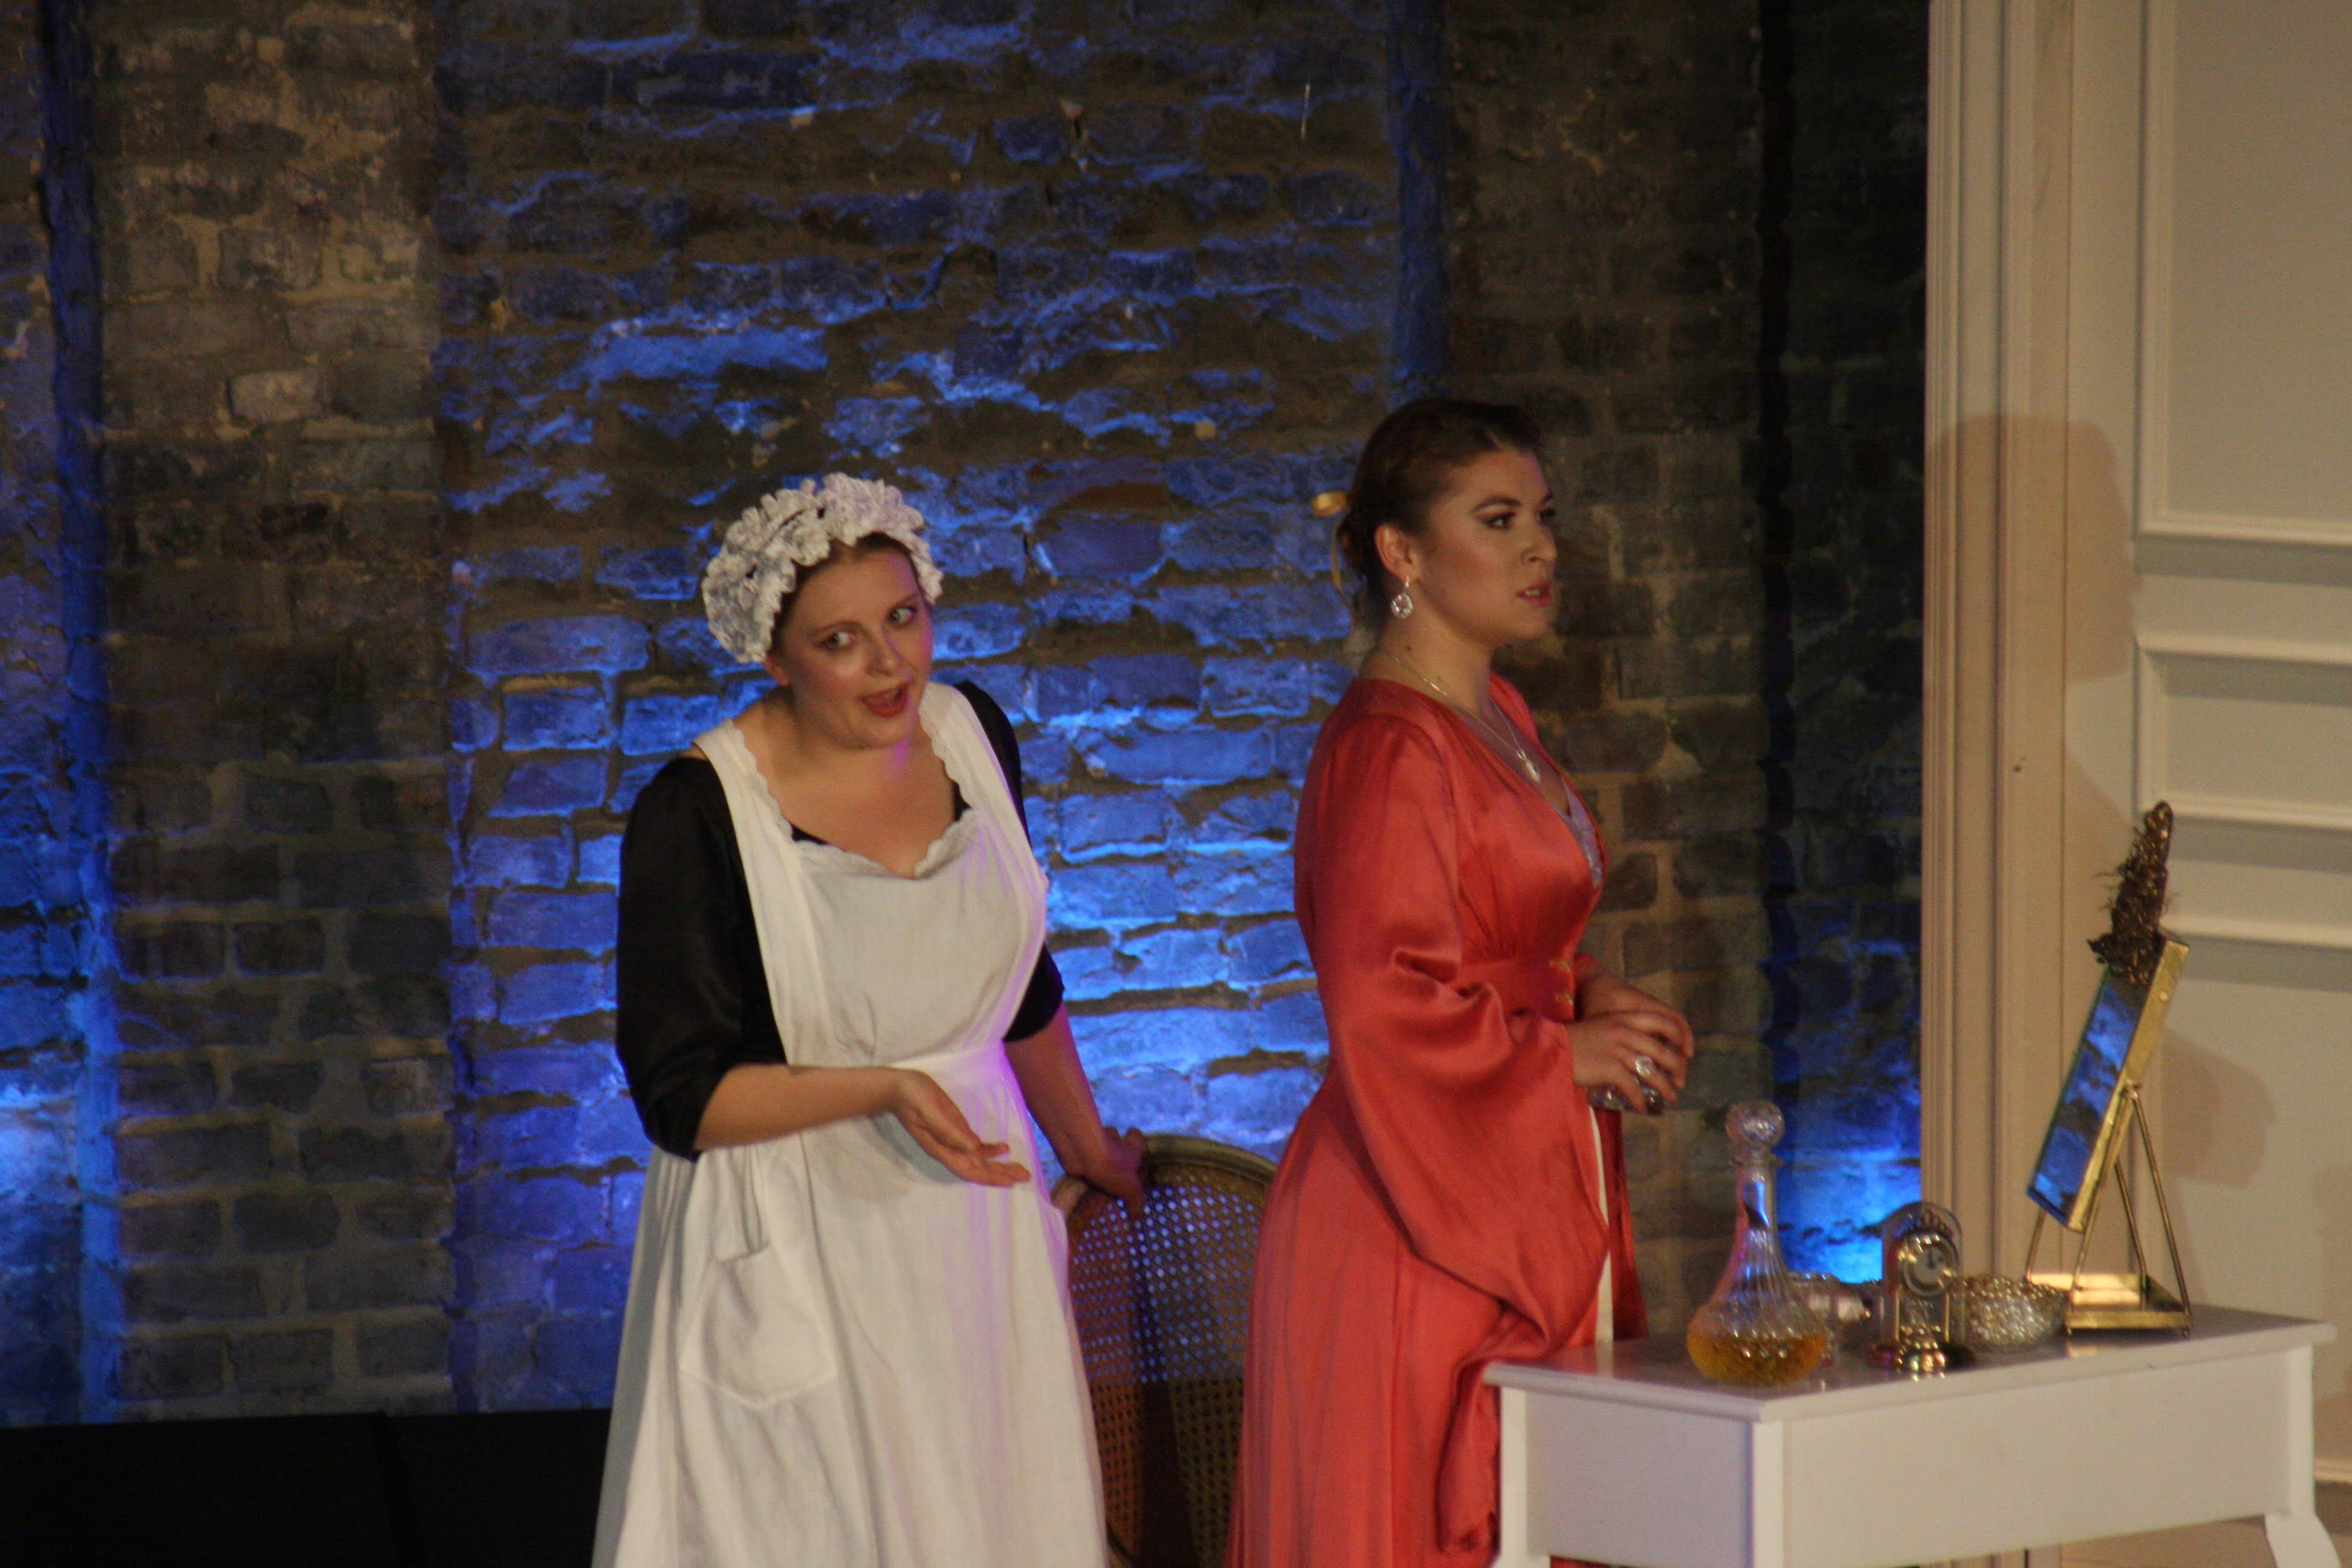 le Nozze di Figaro - Berlin Opera Ac